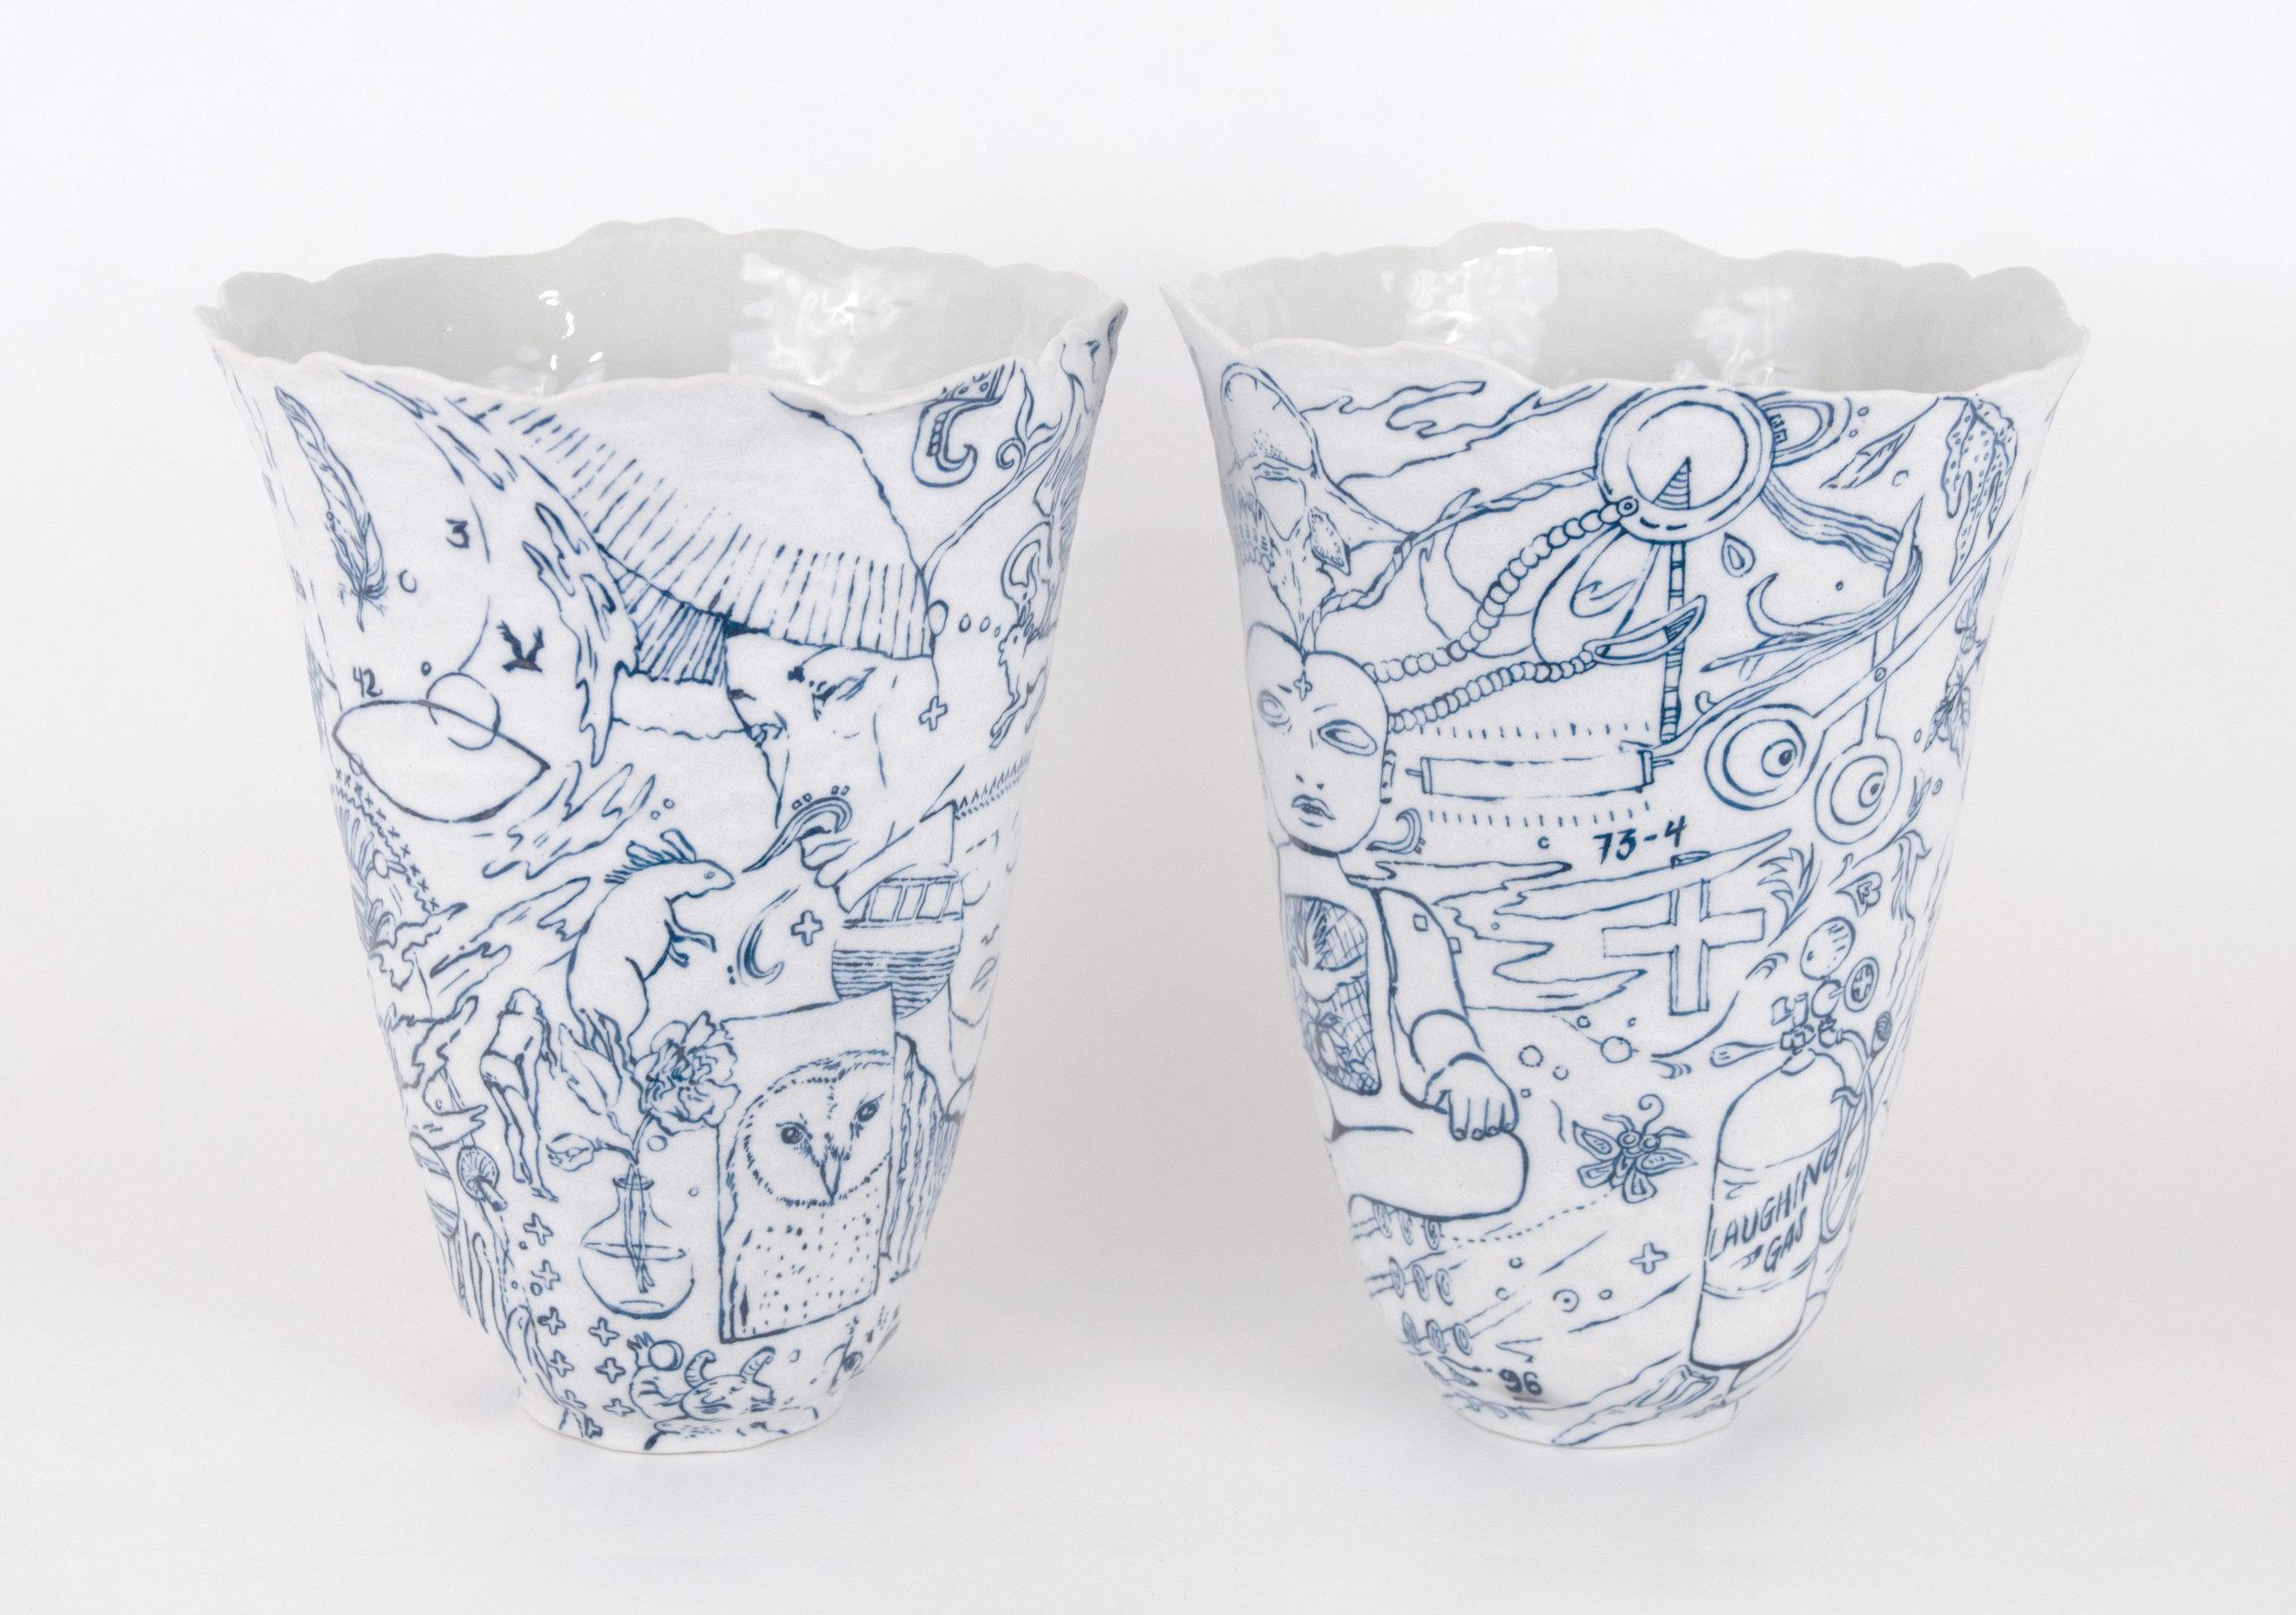 Bottles  Porcelain, glaze, cobalt, 2019